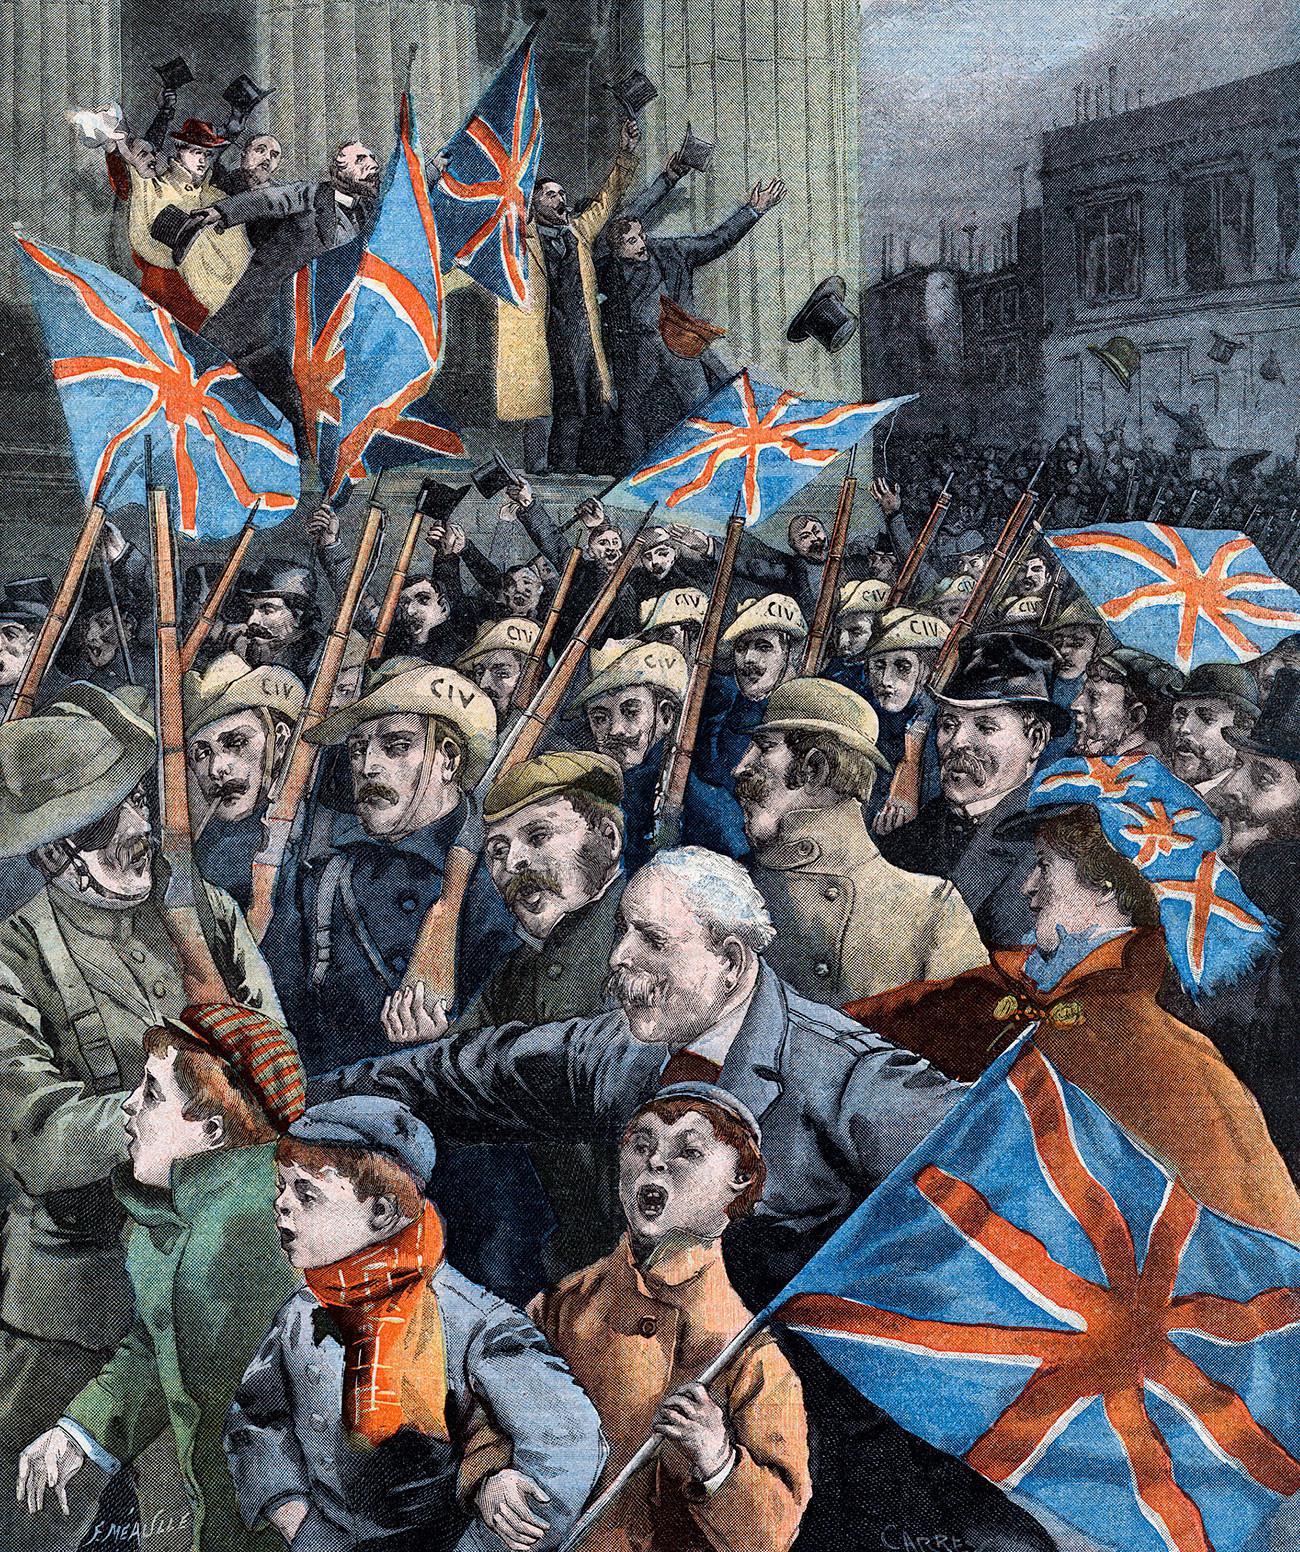 Druga burska vojna. Britanski prostovoljci se vračajo domov.